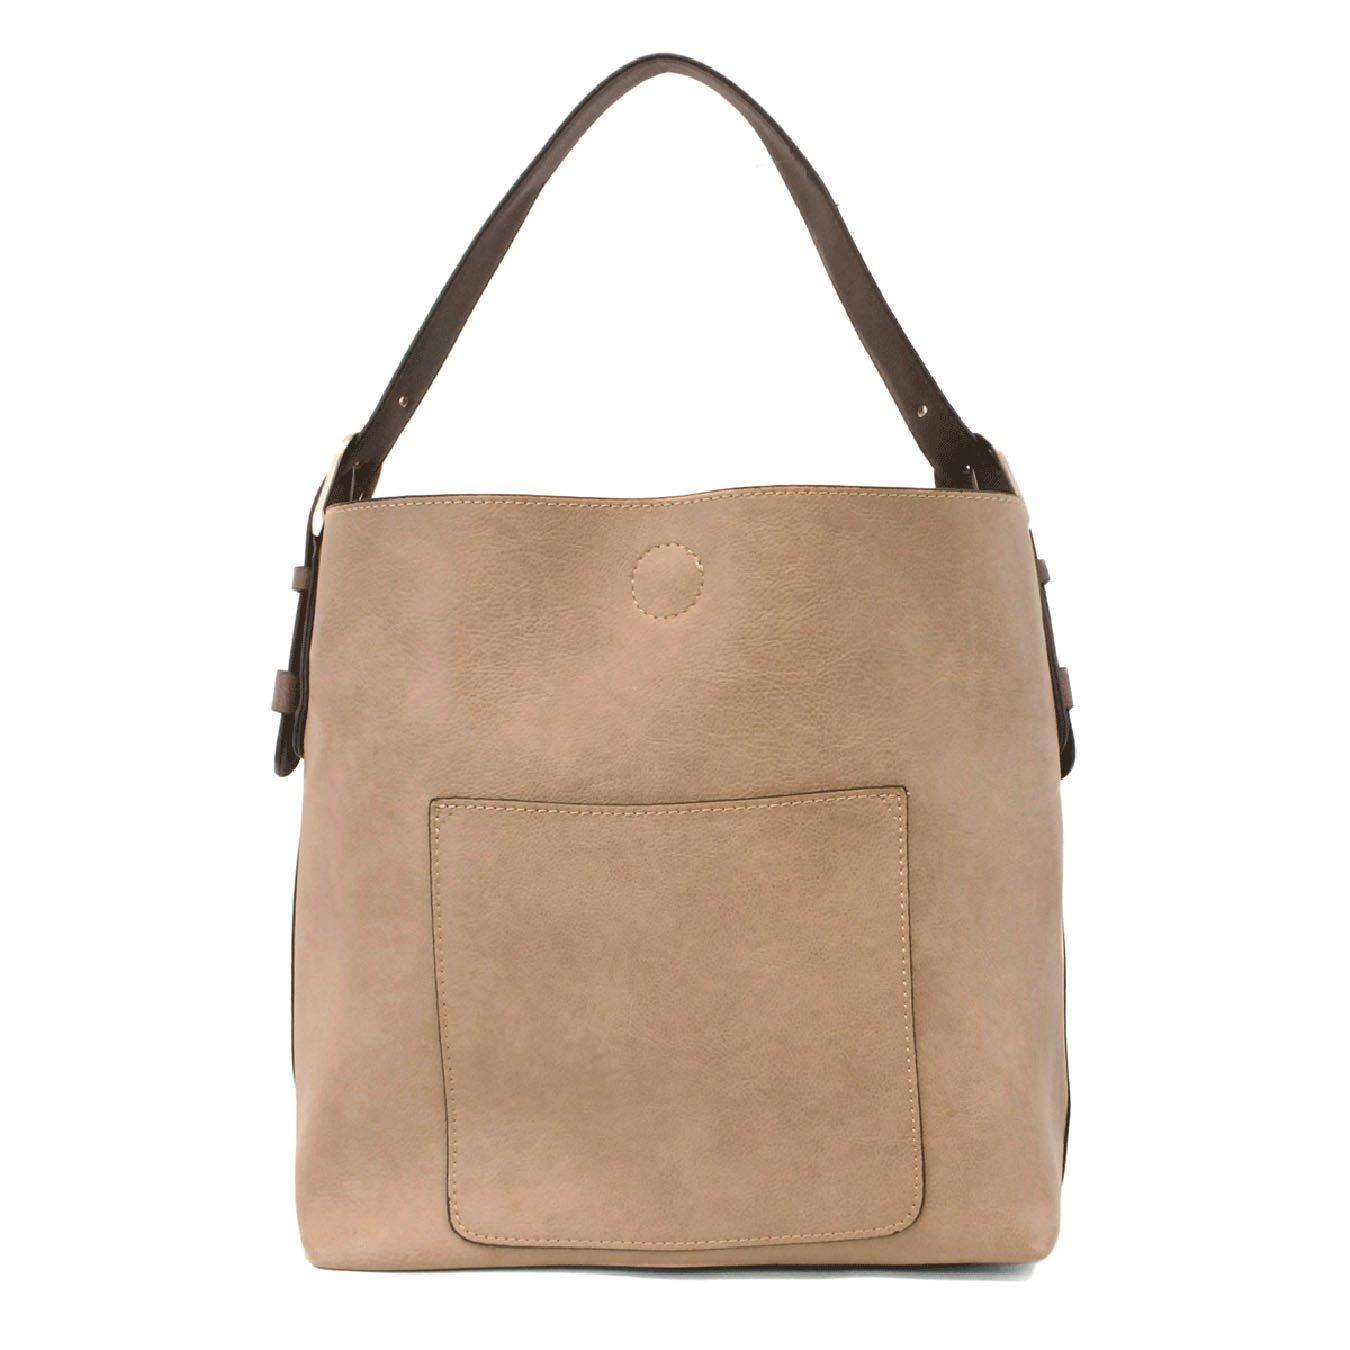 Heathered Grey Hobo Handbag with Coffee Handle